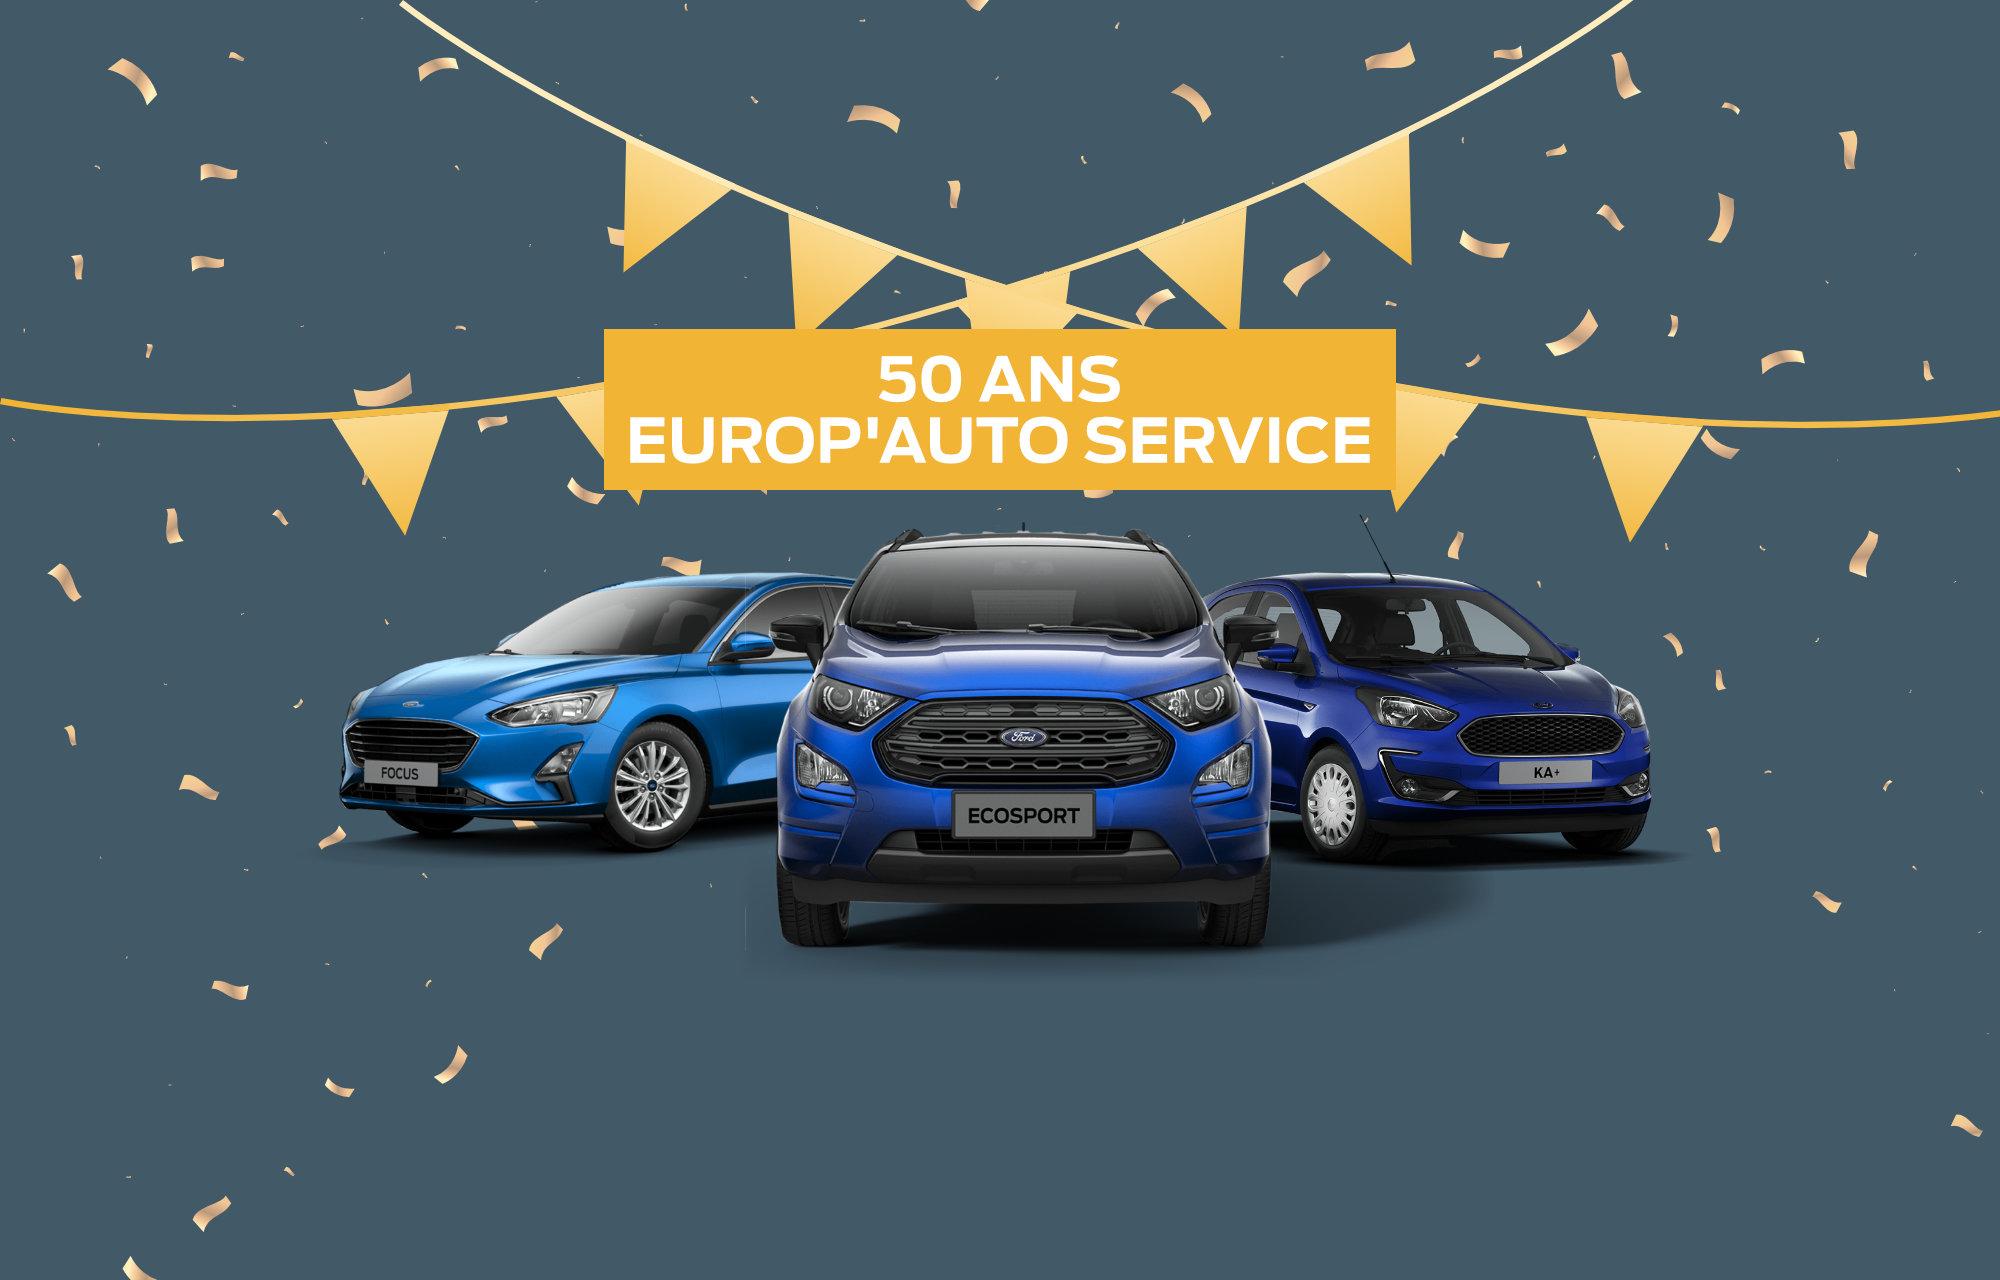 Ford Europ'Auto Service Fête ses 50 ans !